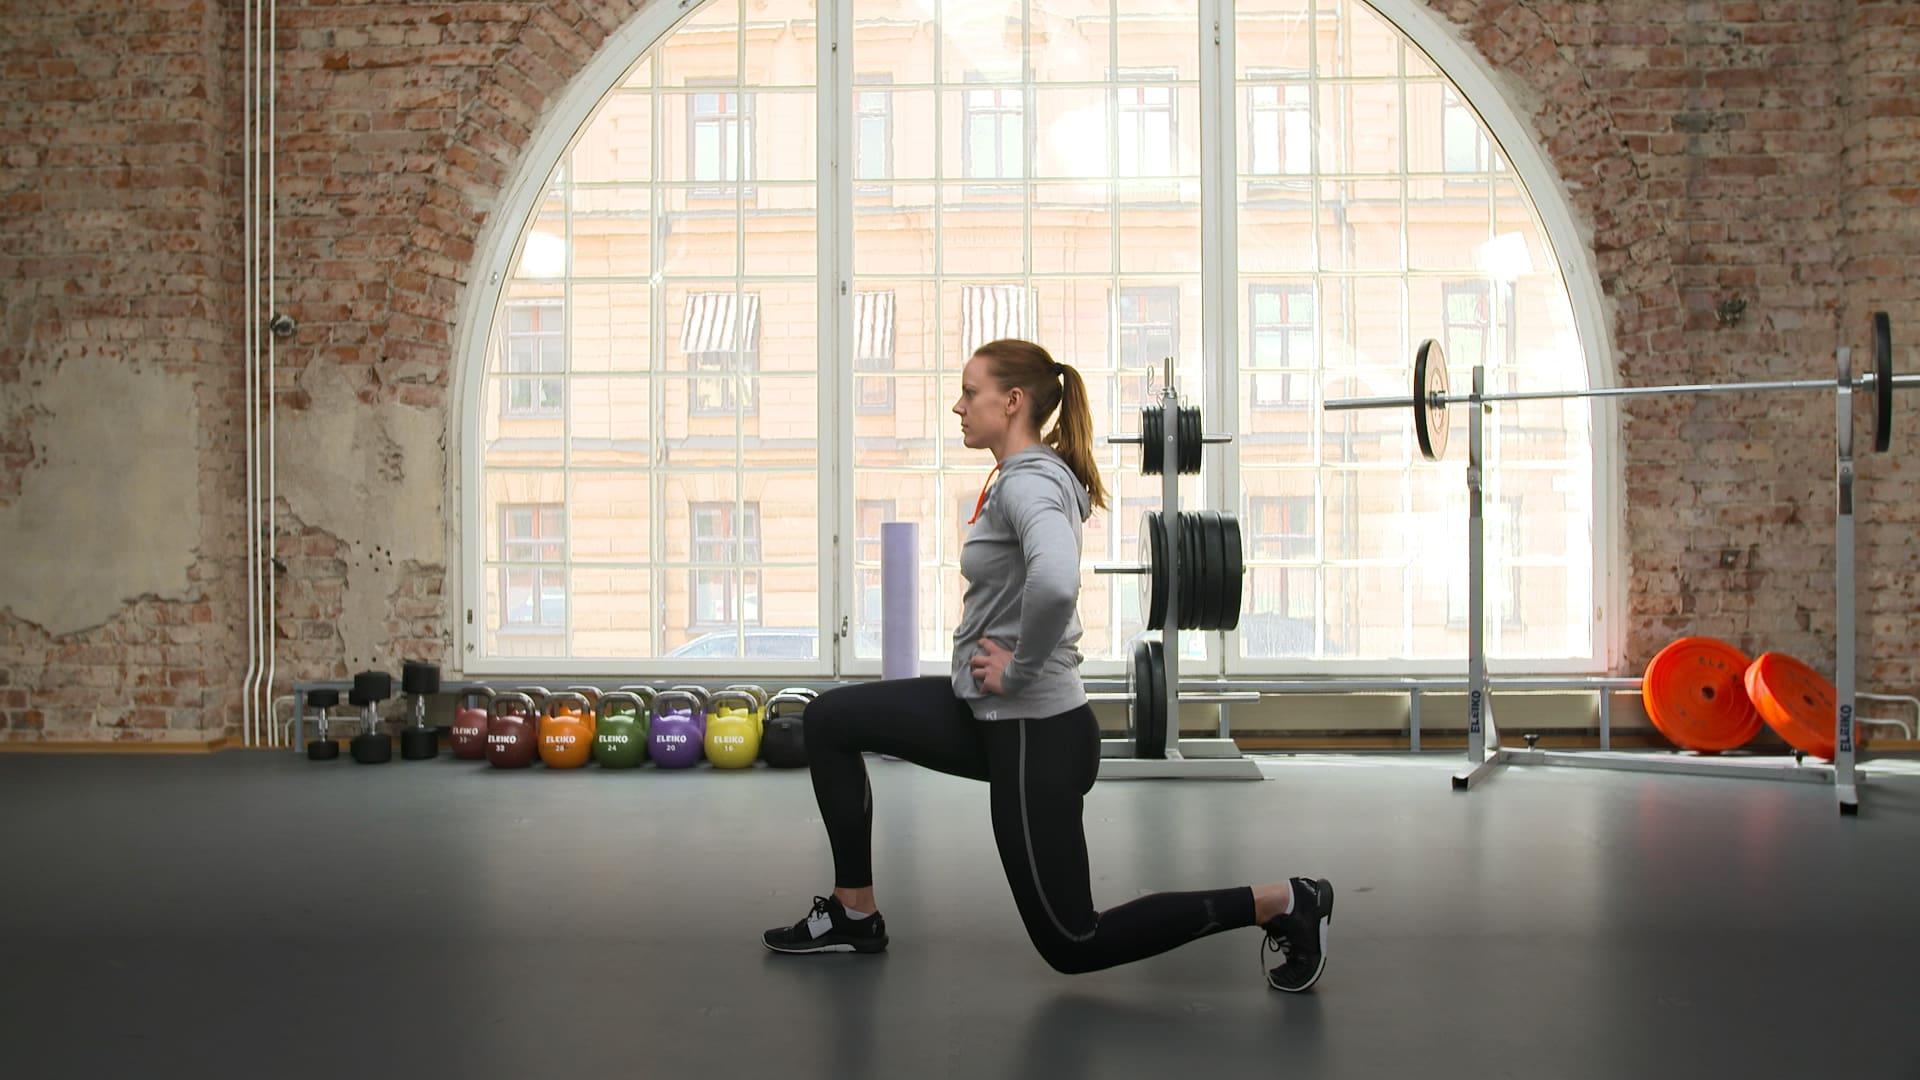 Träningsprogram: Styrke helkropp, utan vikter